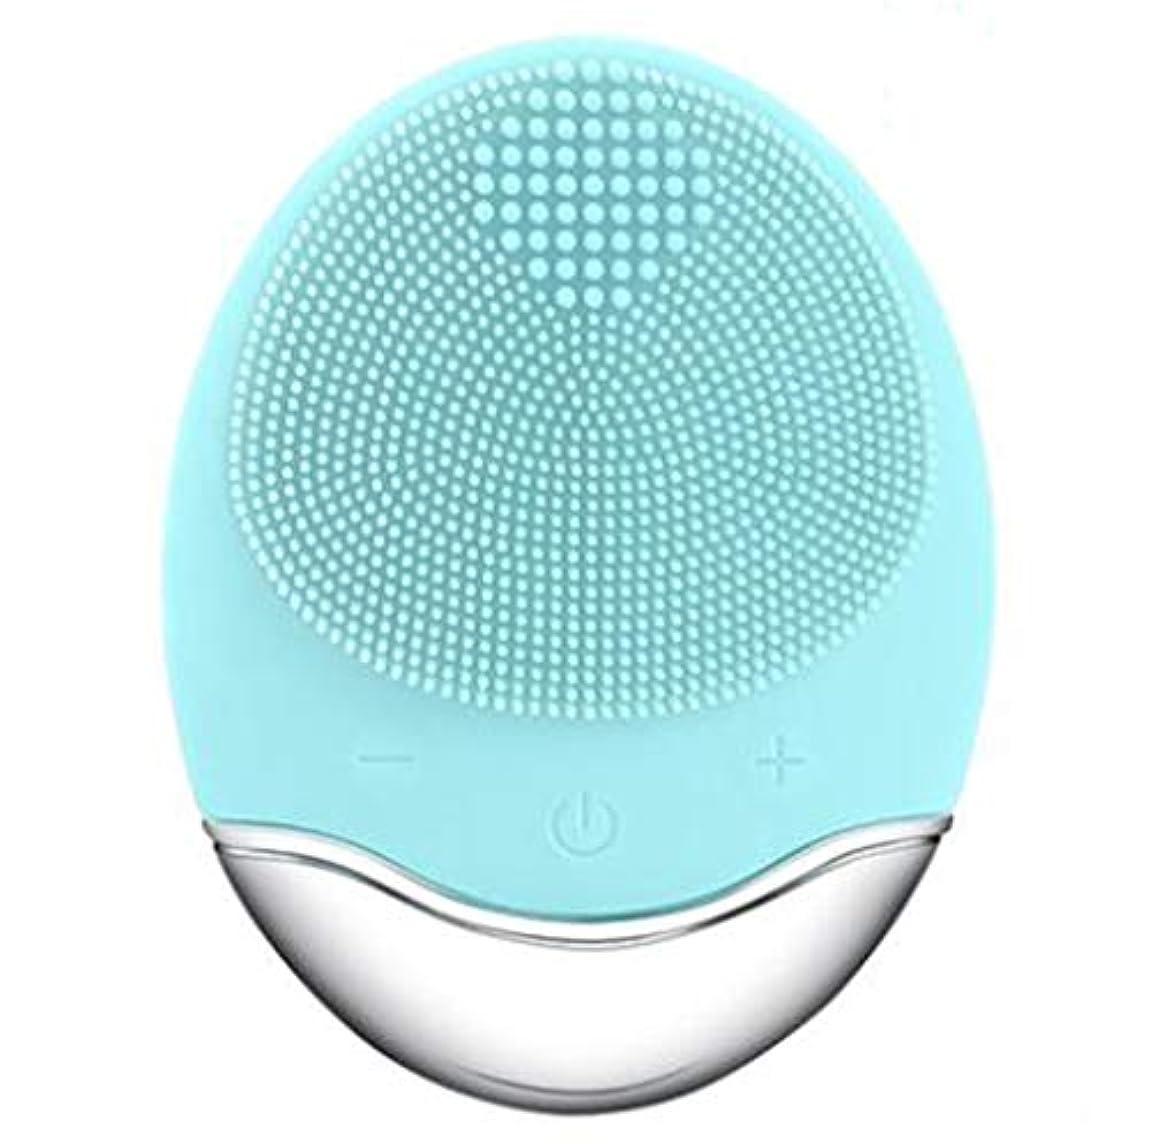 スチュワードれるマーケティングシリコーン電気クレンジング器具、洗顔毛穴クリーナーマッサージフェイス、イントロデューサー + クレンジング器具 (1 つ2個),Green